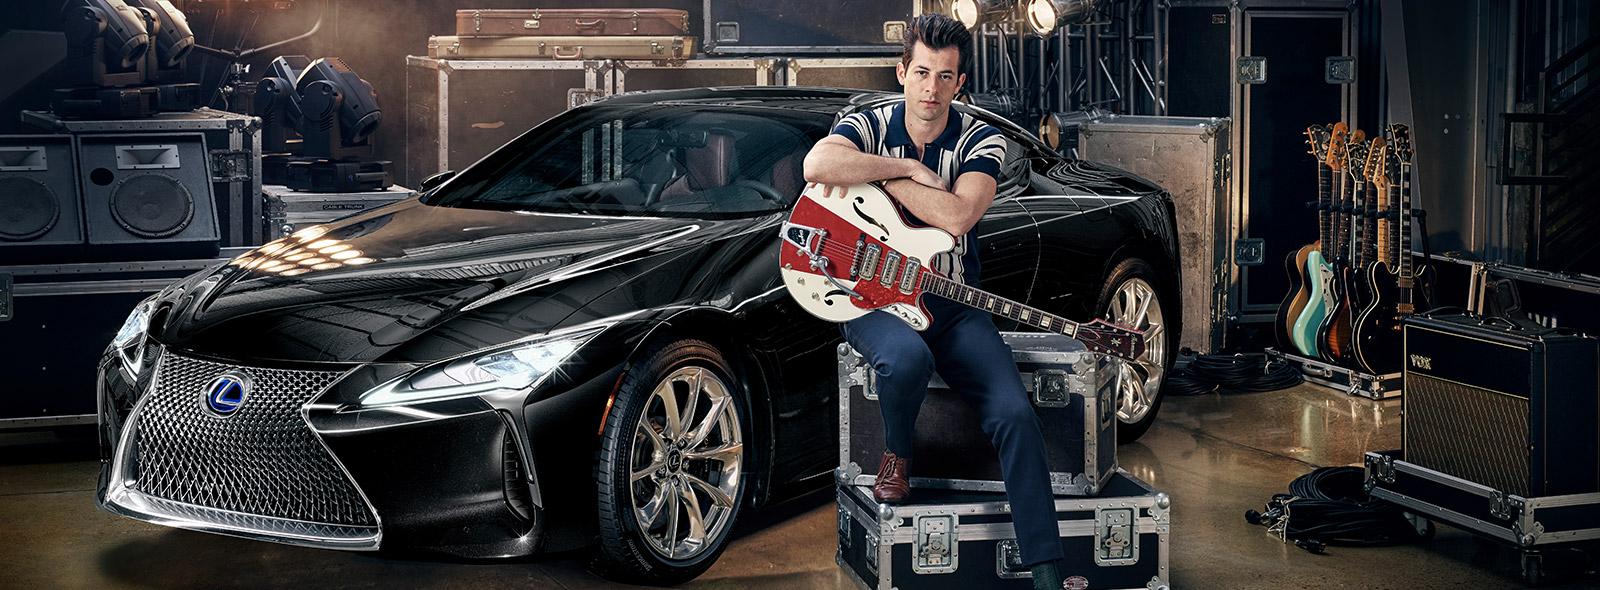 Internationaal gevierde muziekproducent Mark Ronson zittend met een wit rode gitaar voor een zwarte Lexus LC driekwart van voren gezien